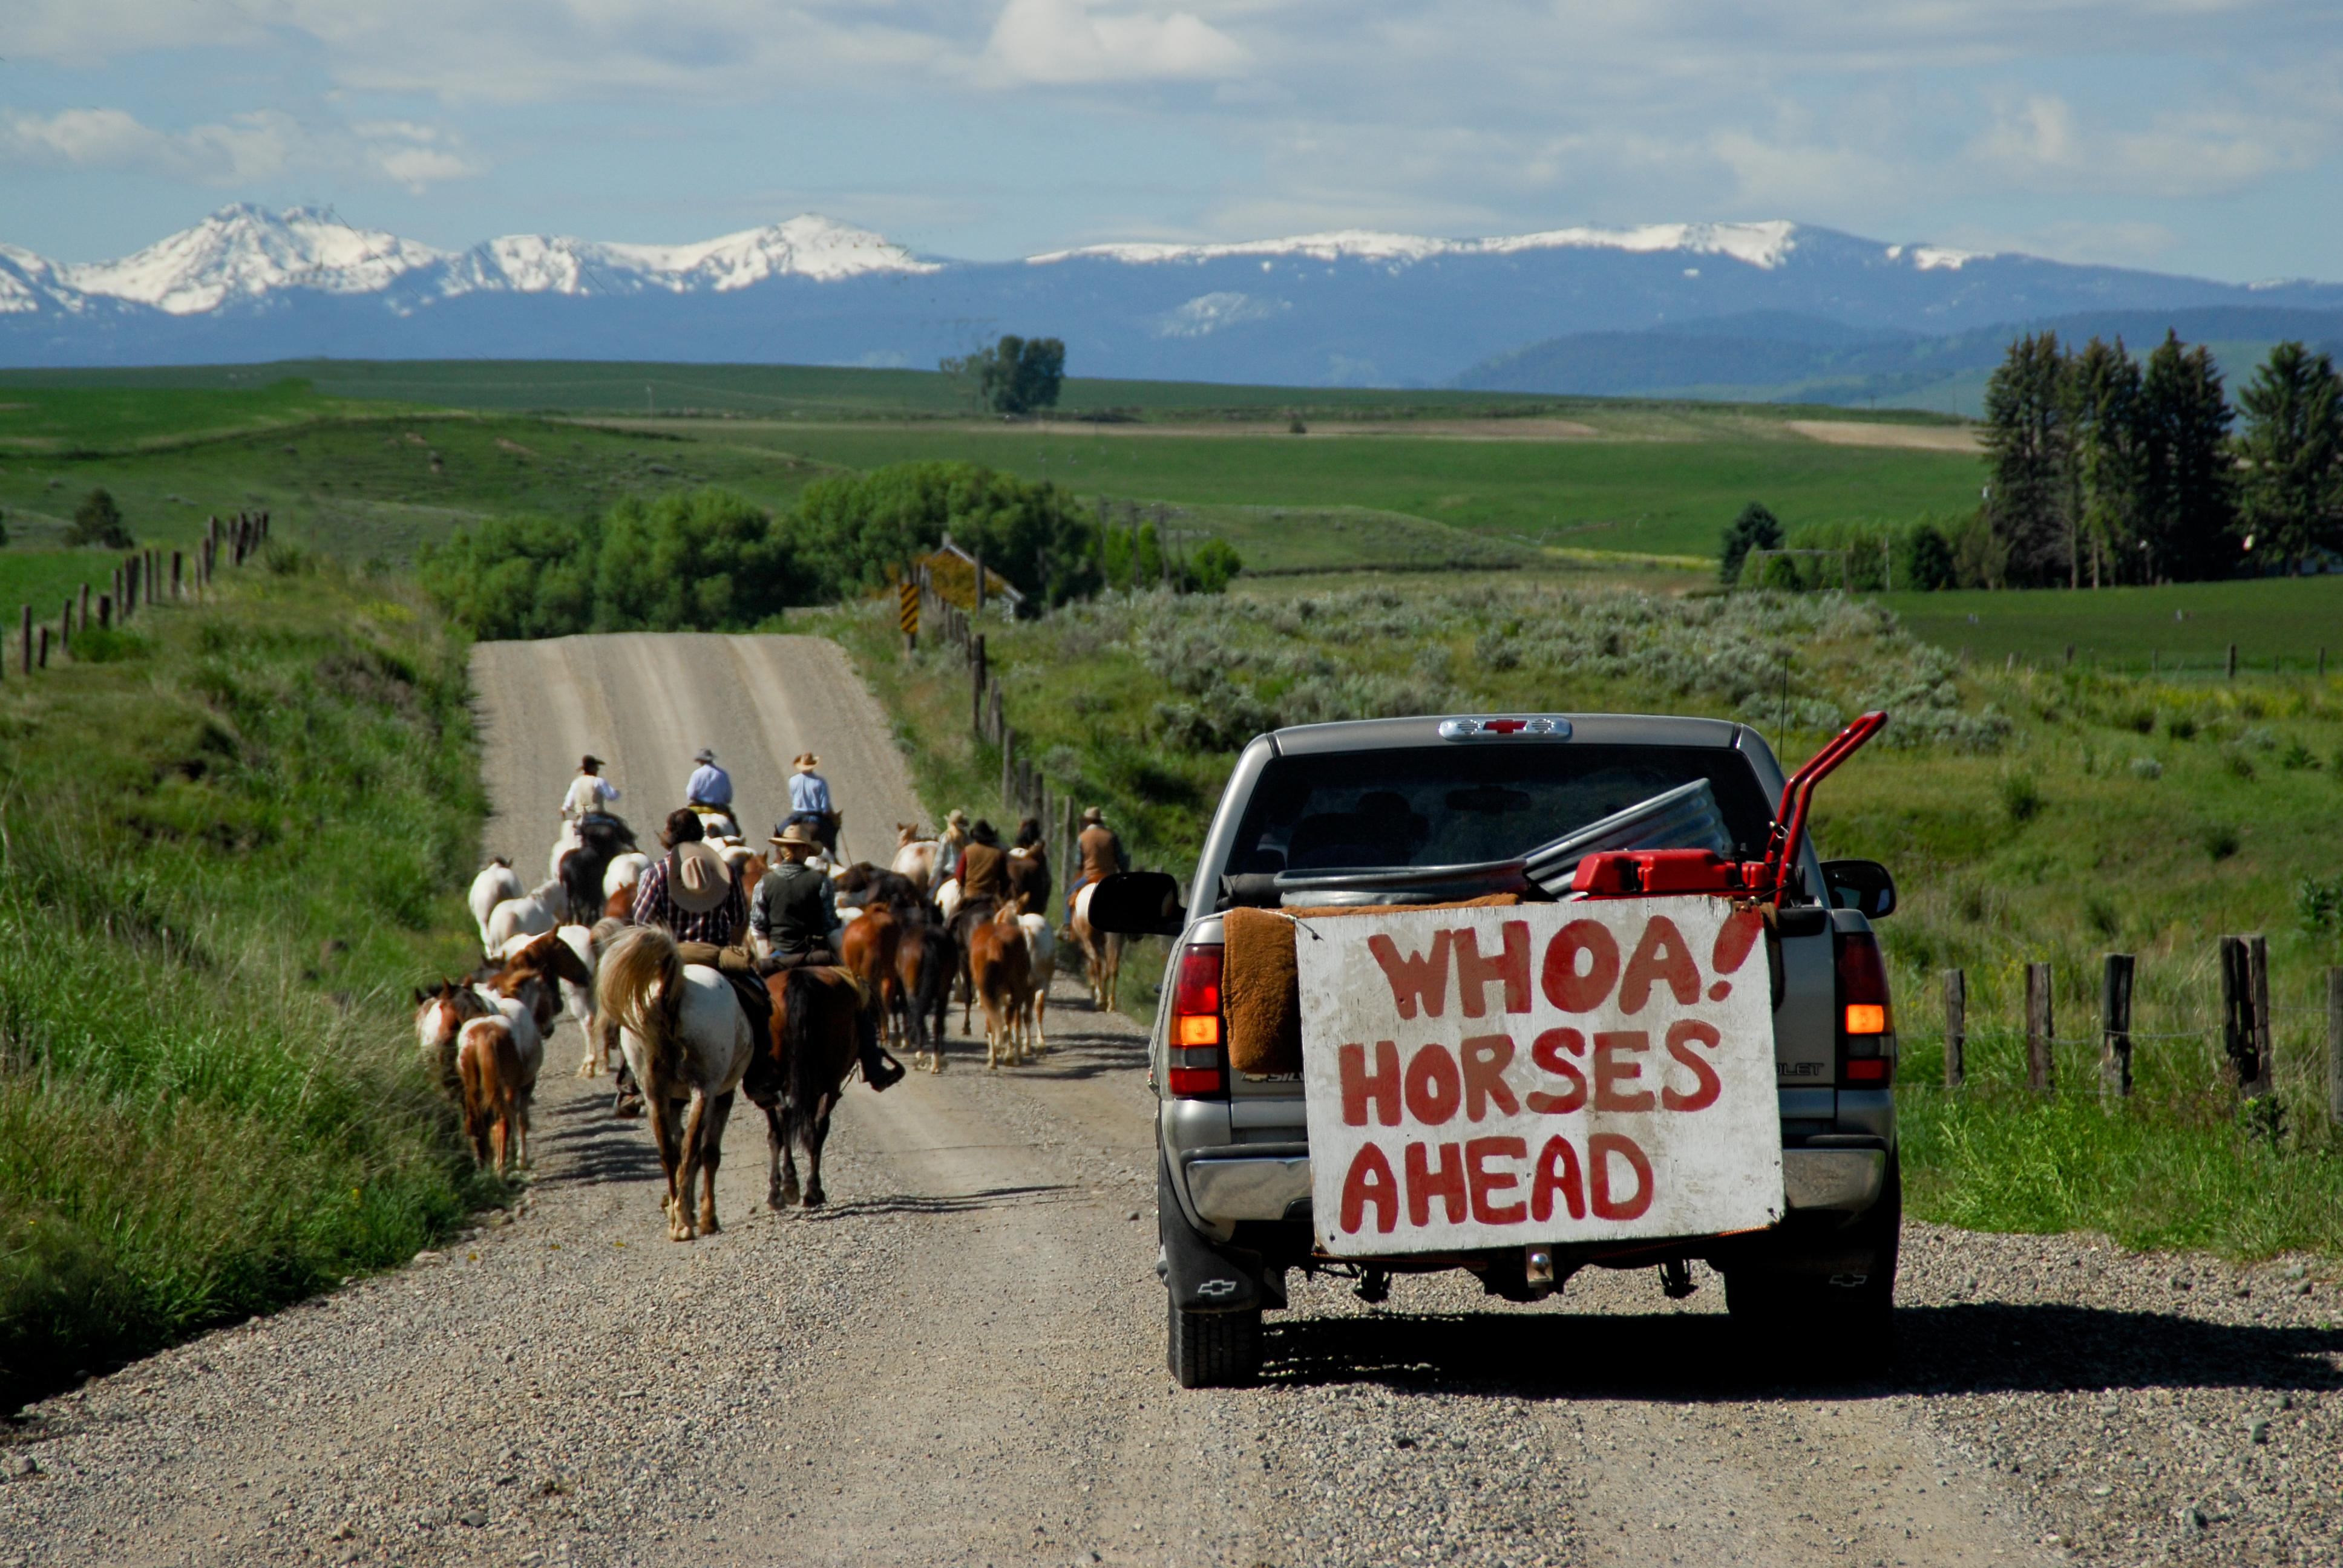 """یک کامیون با تابلویی که روی آن نوشته شده است """"آهای! جلوتر اسب ها [در جاده] هستند"""" پشت گروهی از مردم که سوار بر اسب در جاده پیش می روند، در حرکت است (عکس تقدیمی از دفتر گردشگری مونتانا)"""